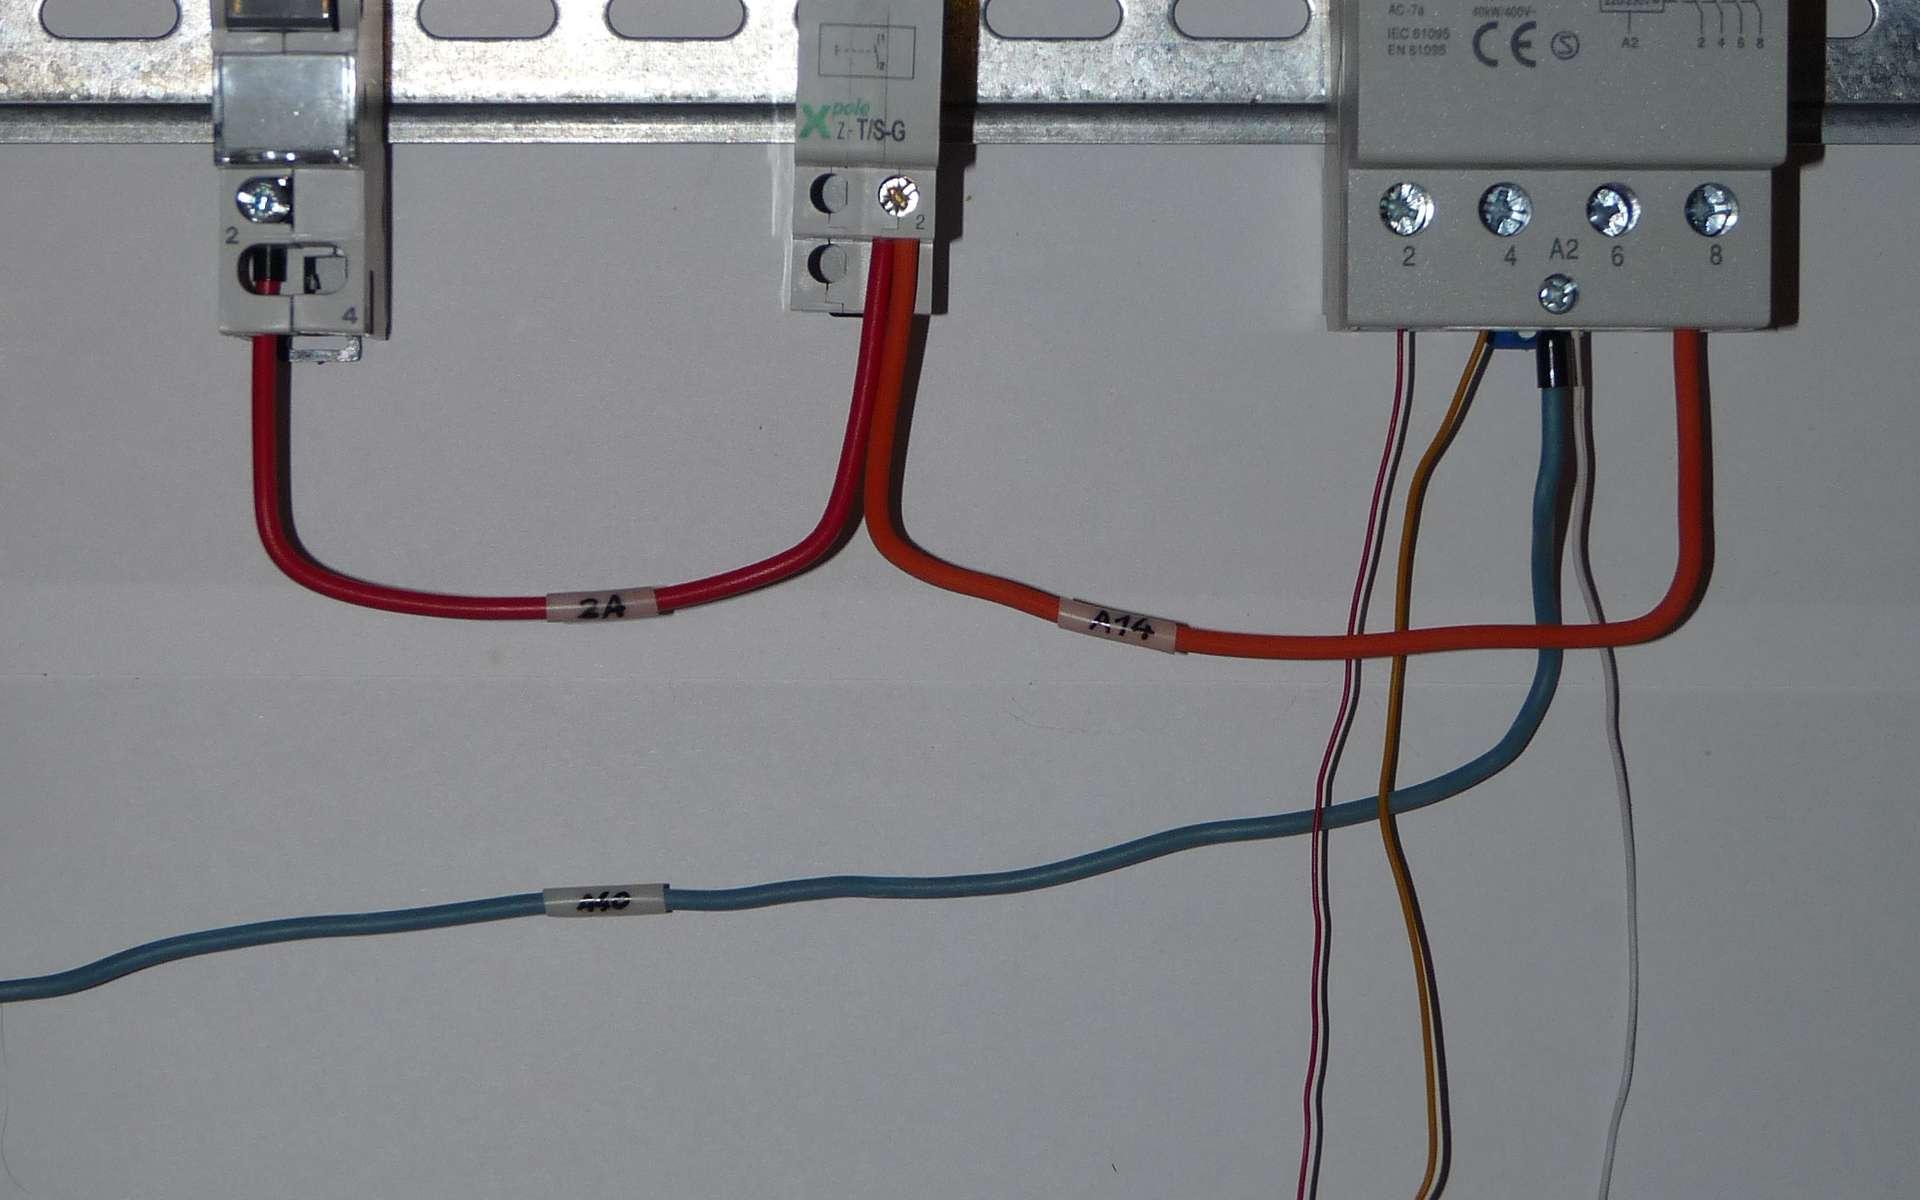 Le télérupteur permet d'actionner un éclairage avec plusieurs boutons-poussoirs. © Dmitry G, Wikimedia Commons, CC BY-SA 3.0